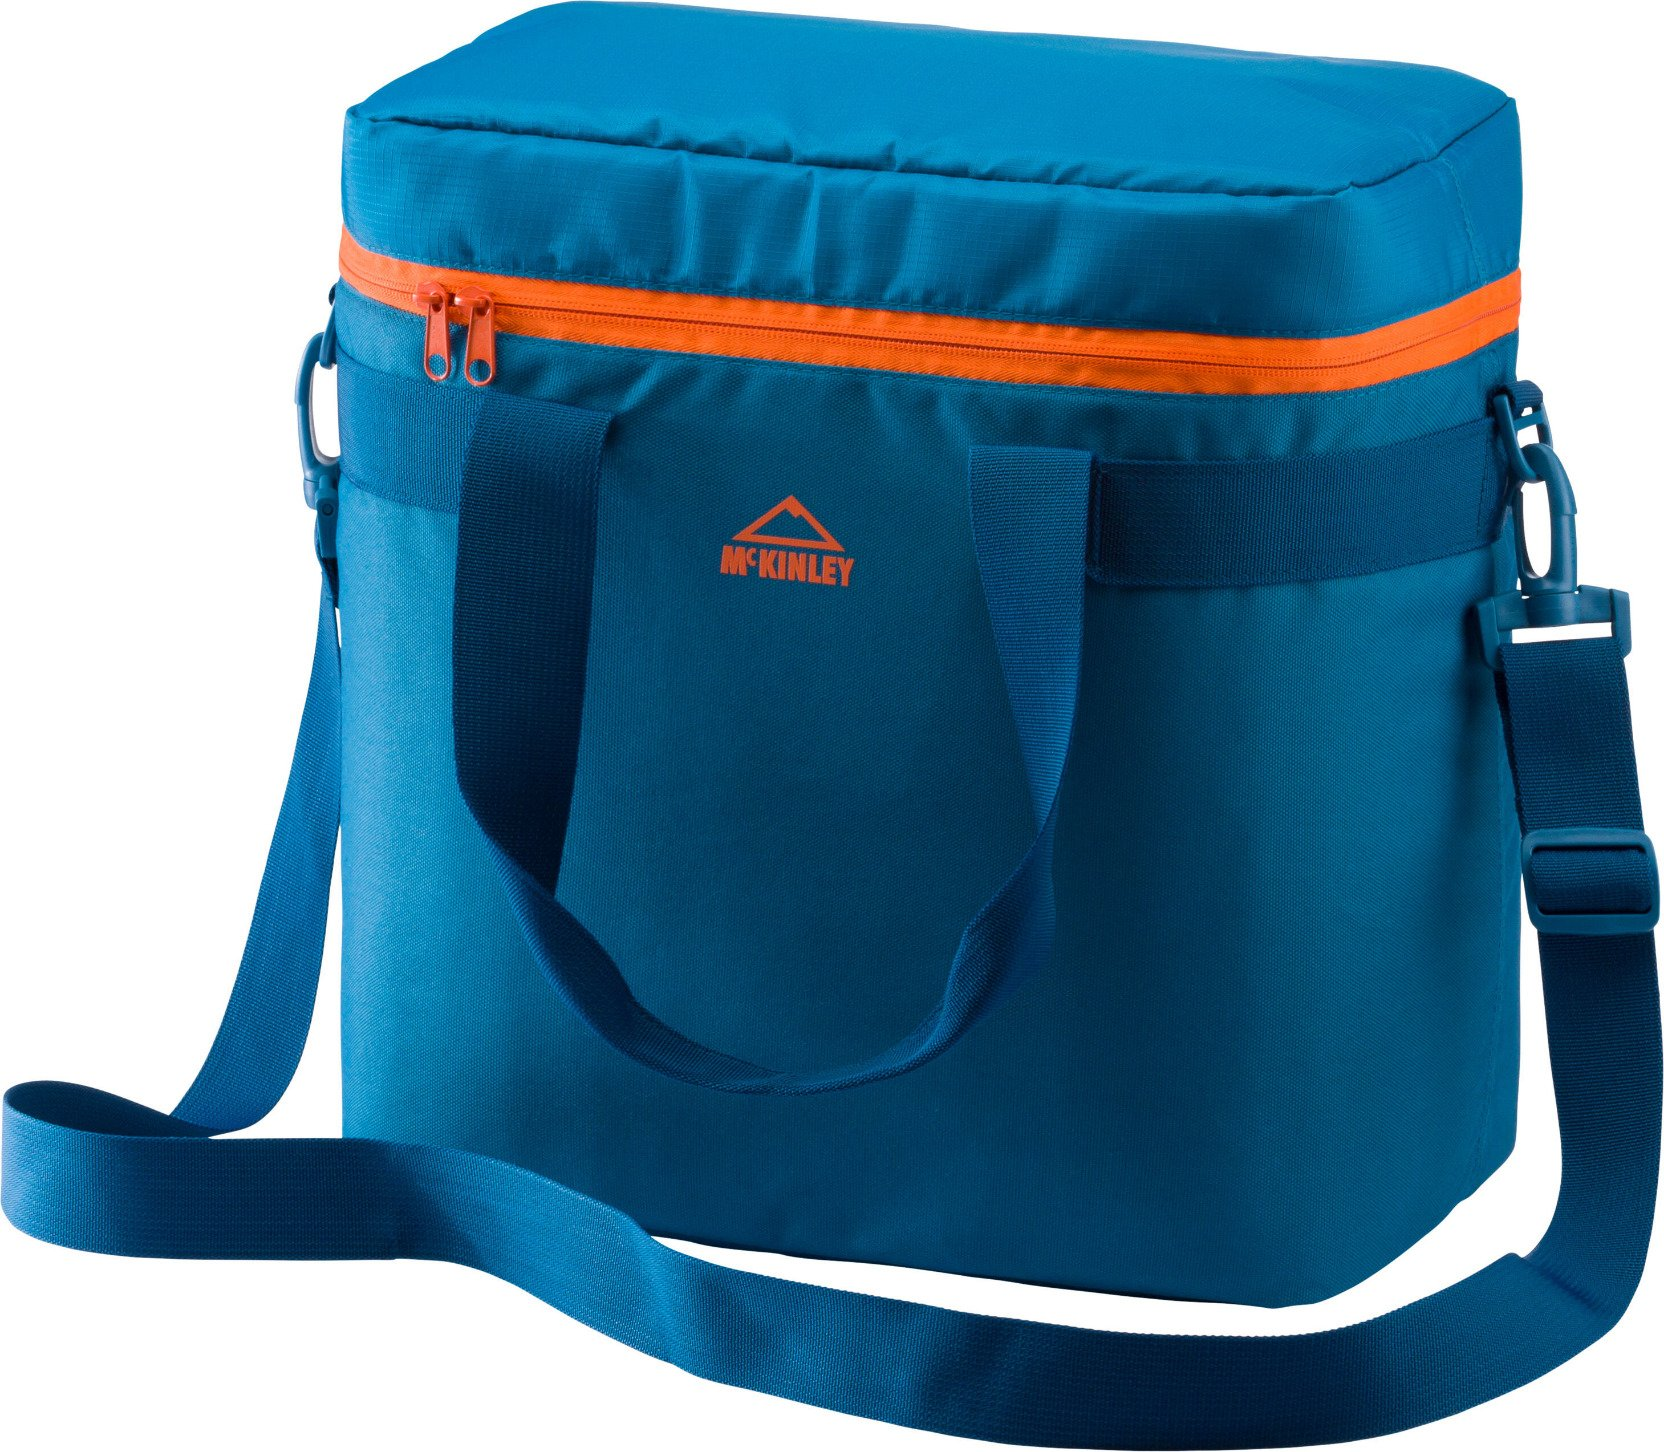 McKINLEY Cooler Lunch Box 25